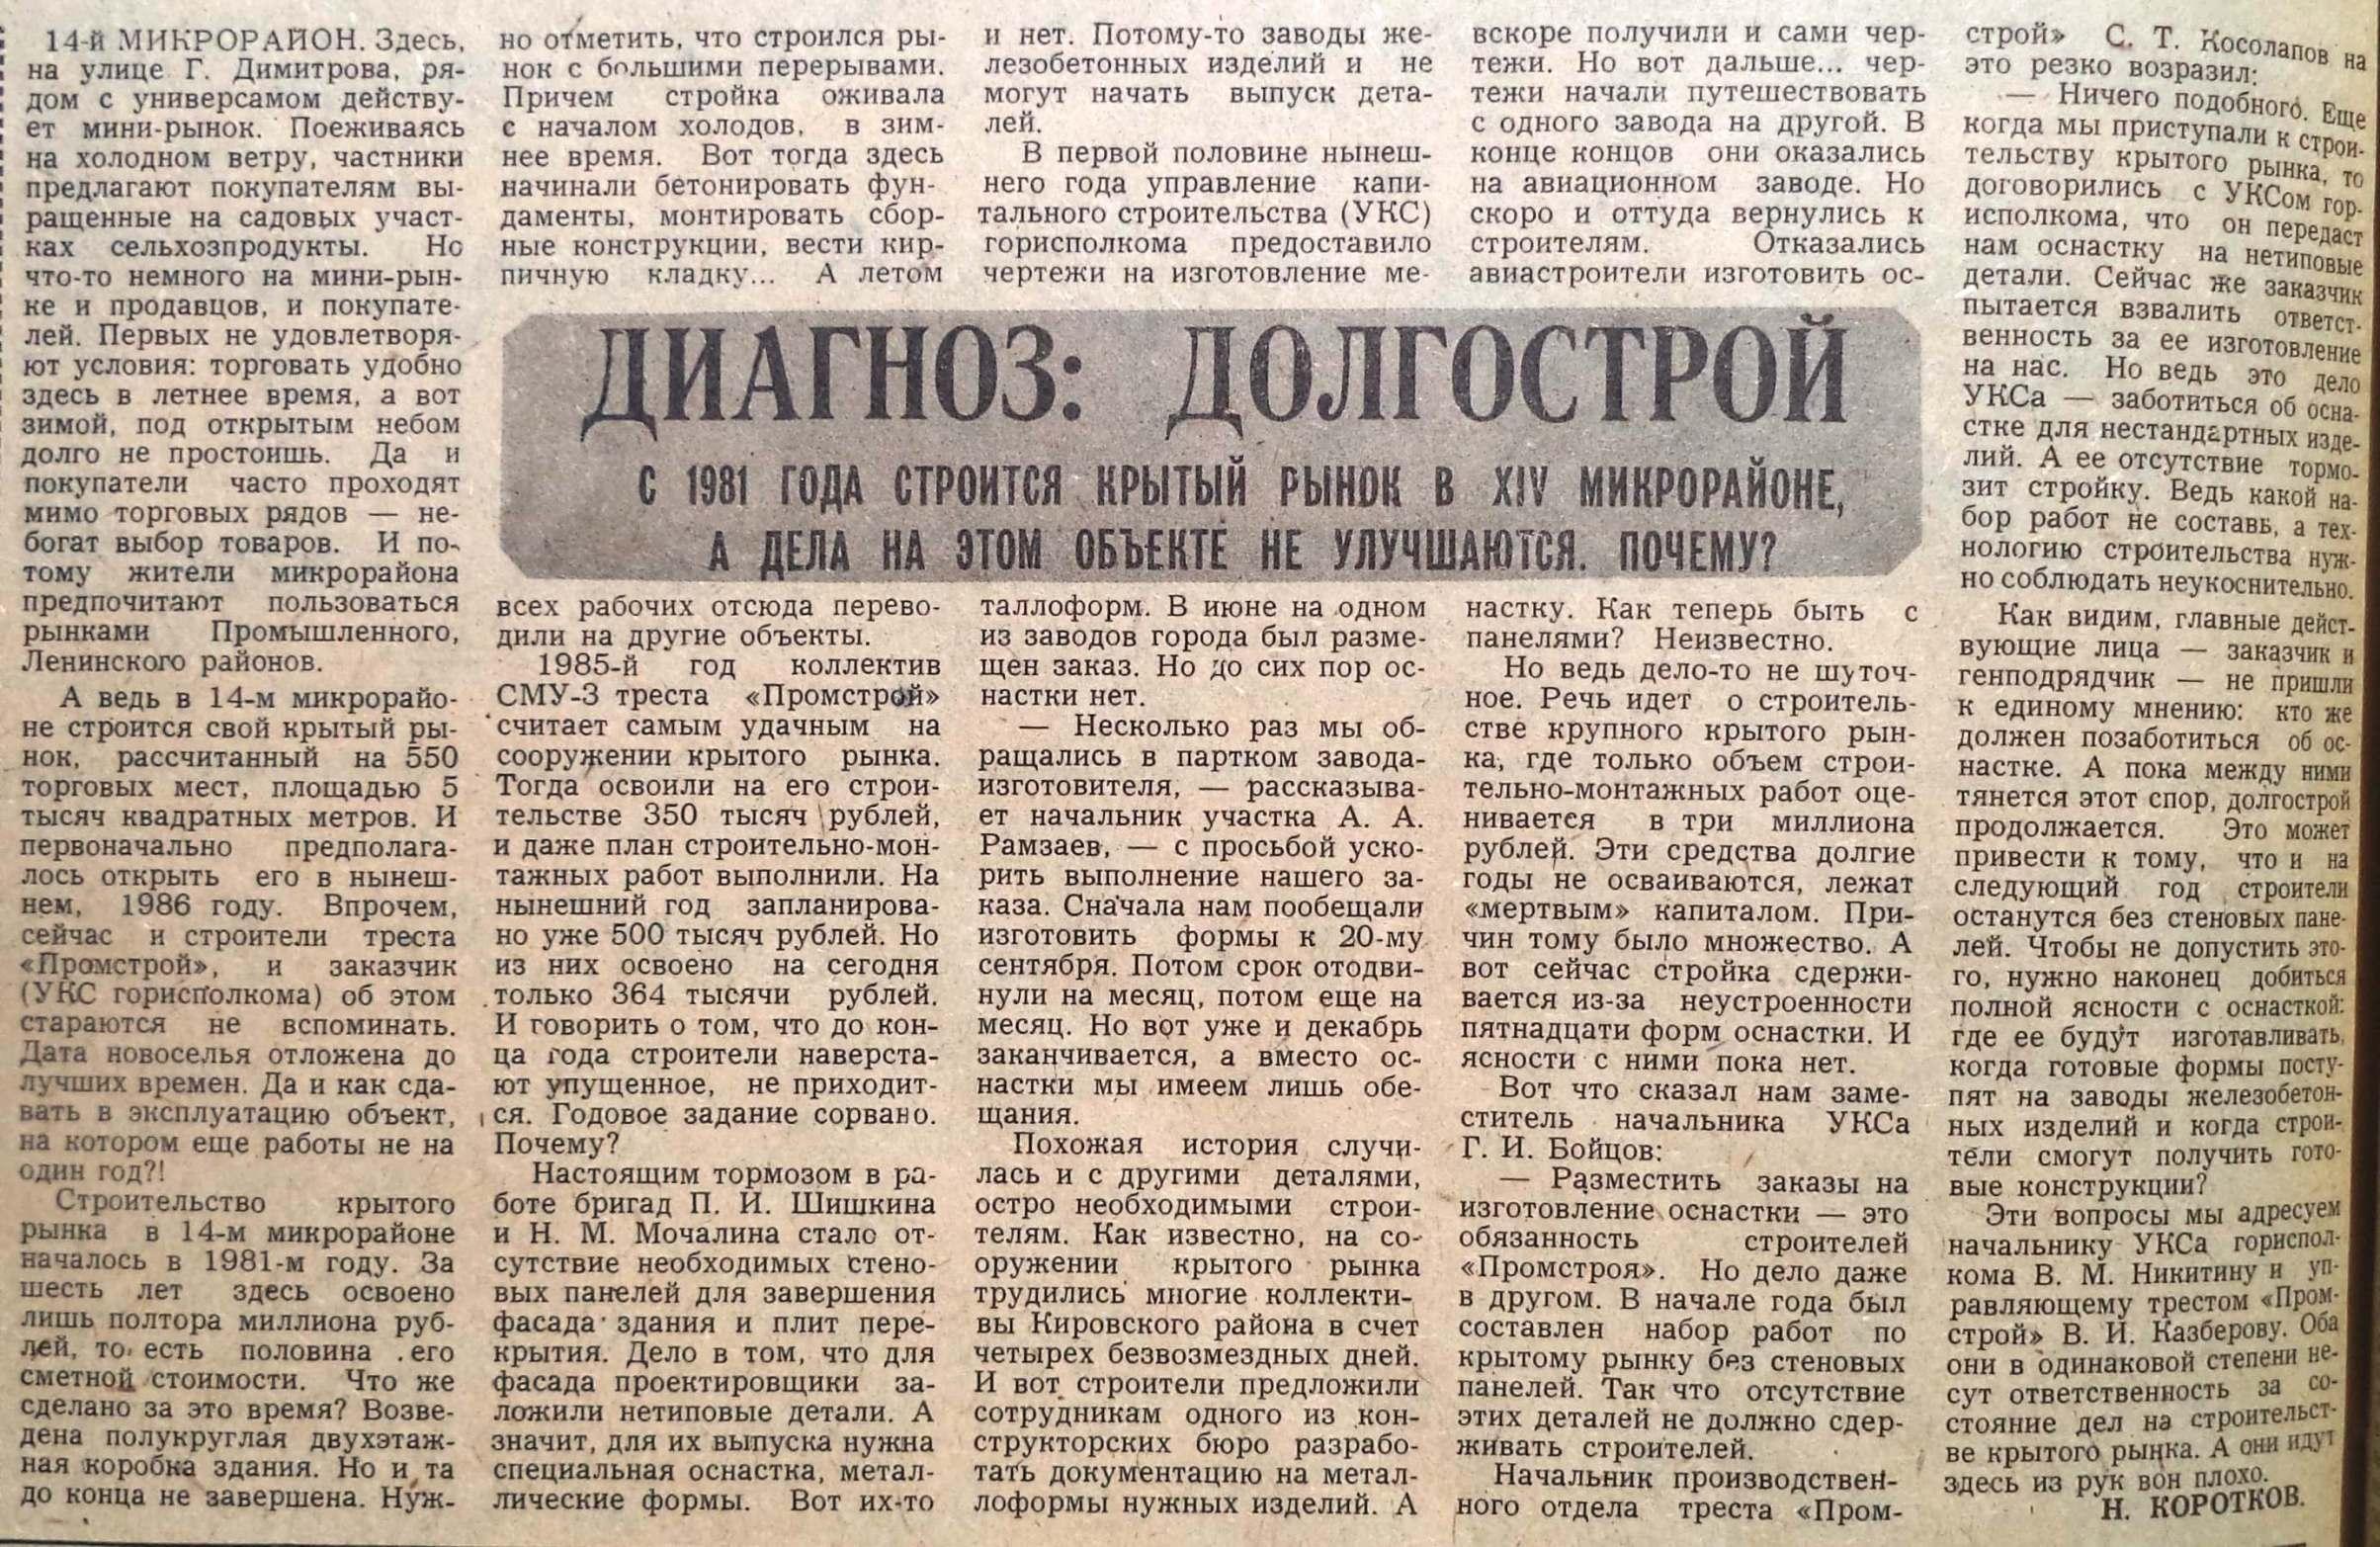 Стара Загора-ФОТО-118-ВЗя-1986-12-23-долгострой Колизея-min